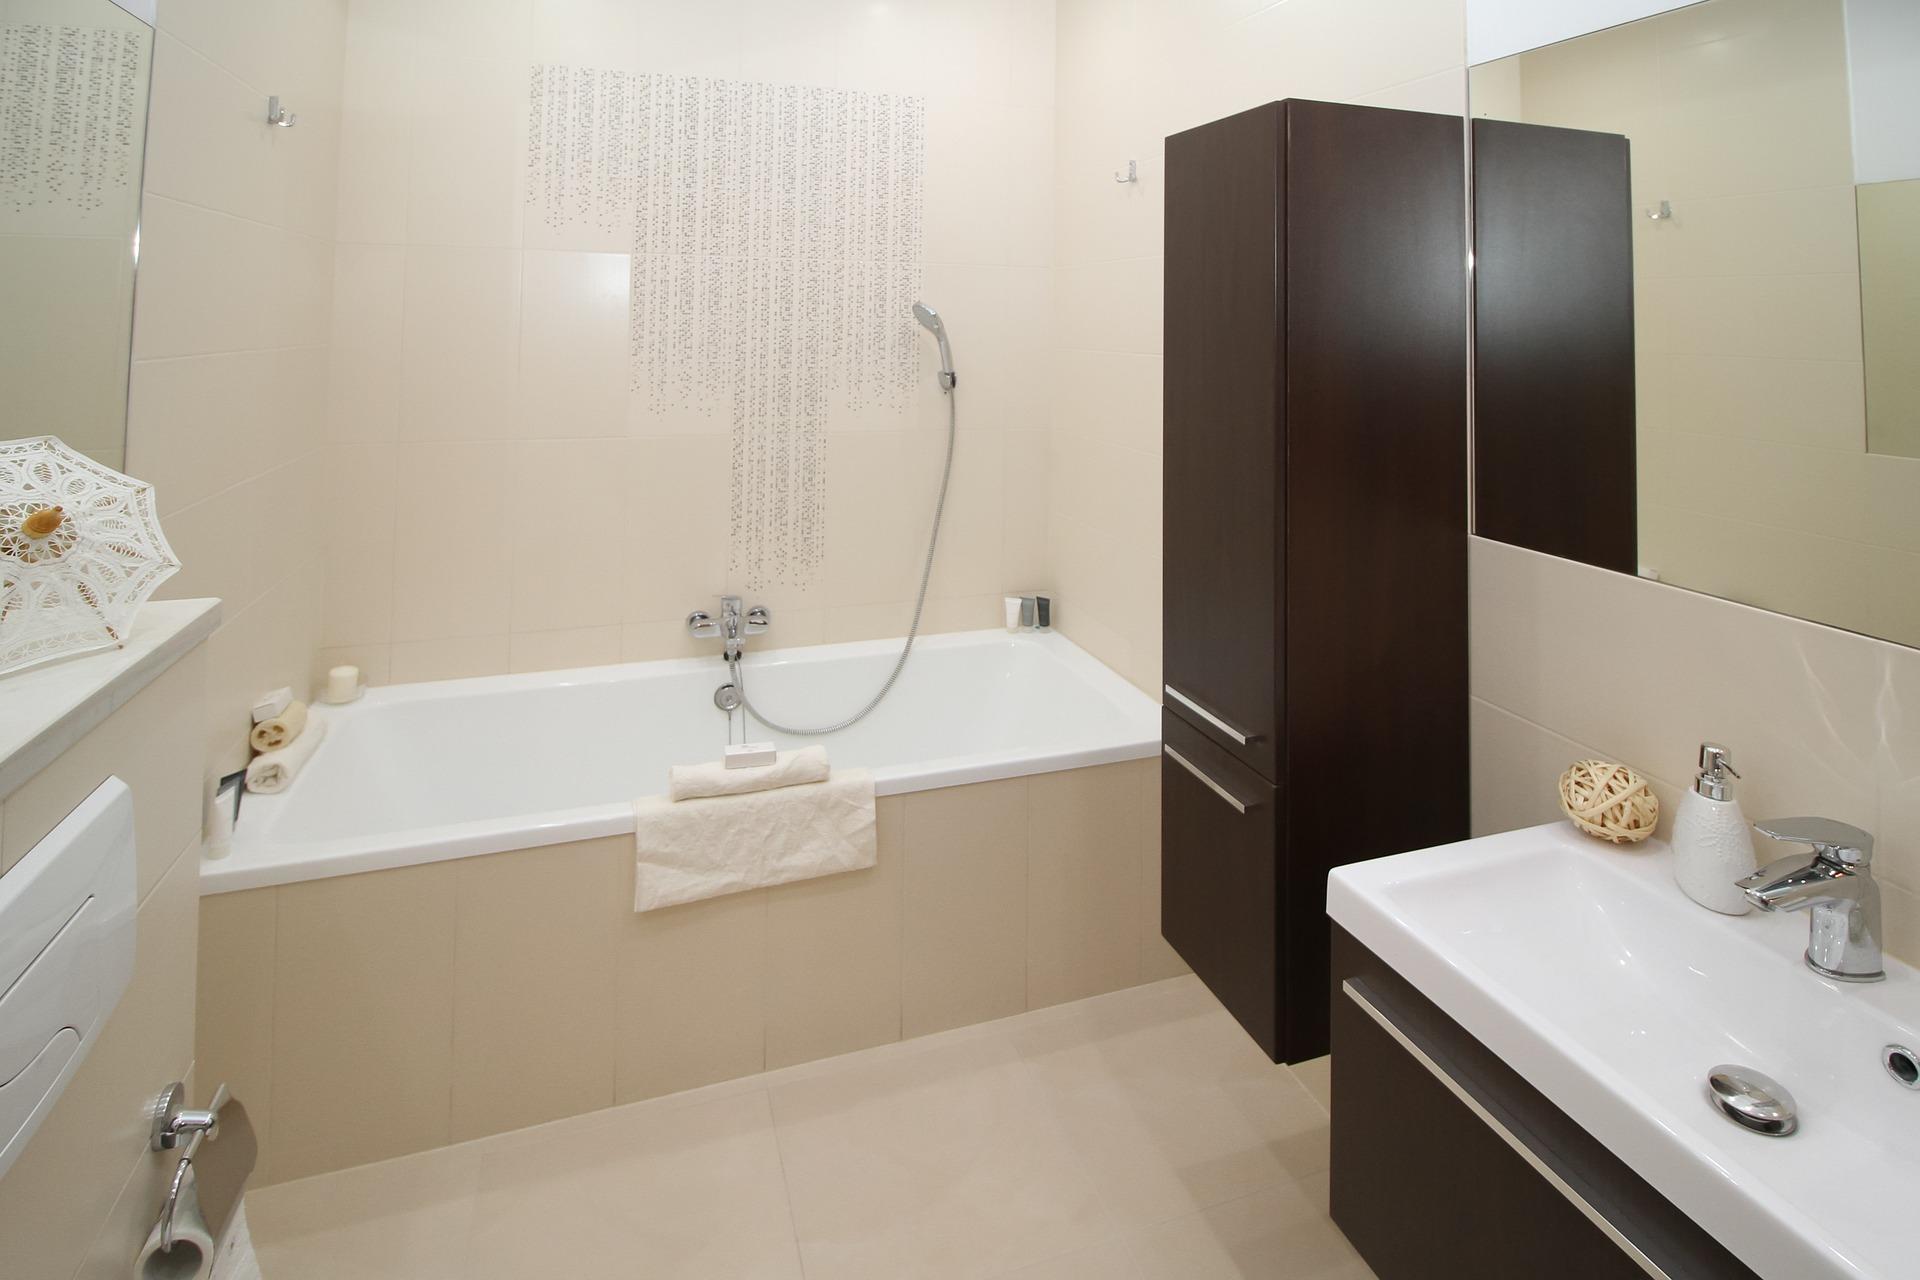 bathroom-2094735_1920